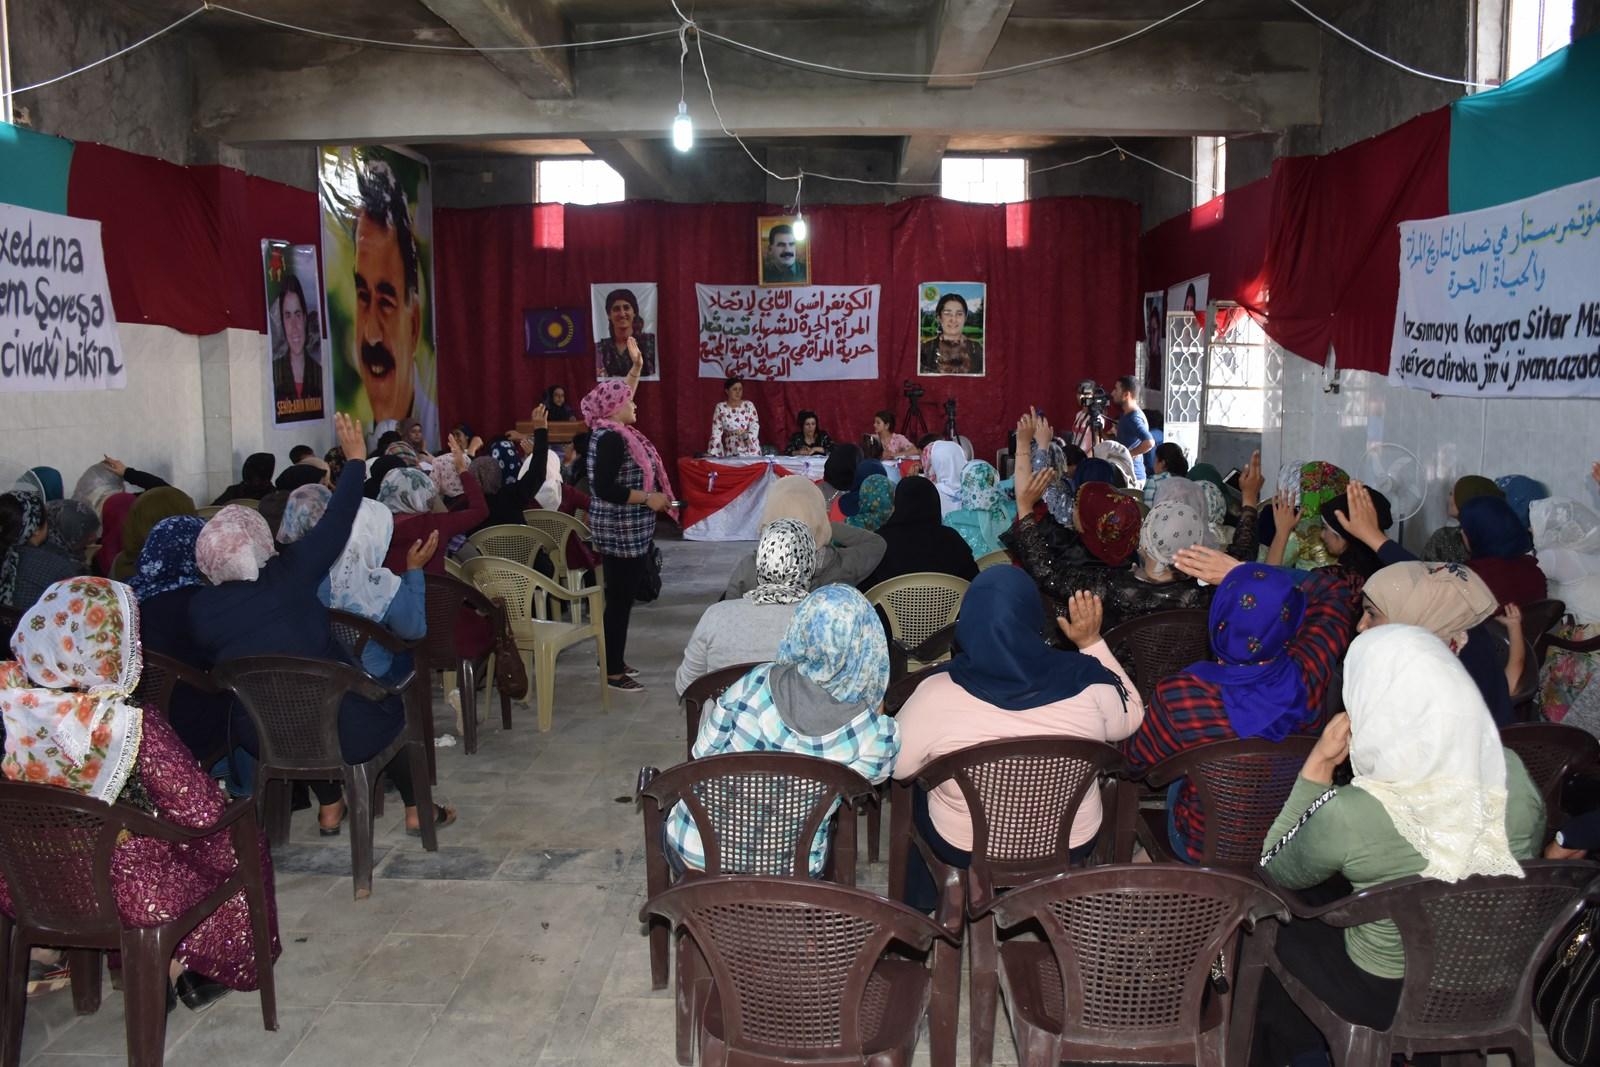 اتحاد المرأة الحرة للشهباء يختتم كونفرانسه الثاني